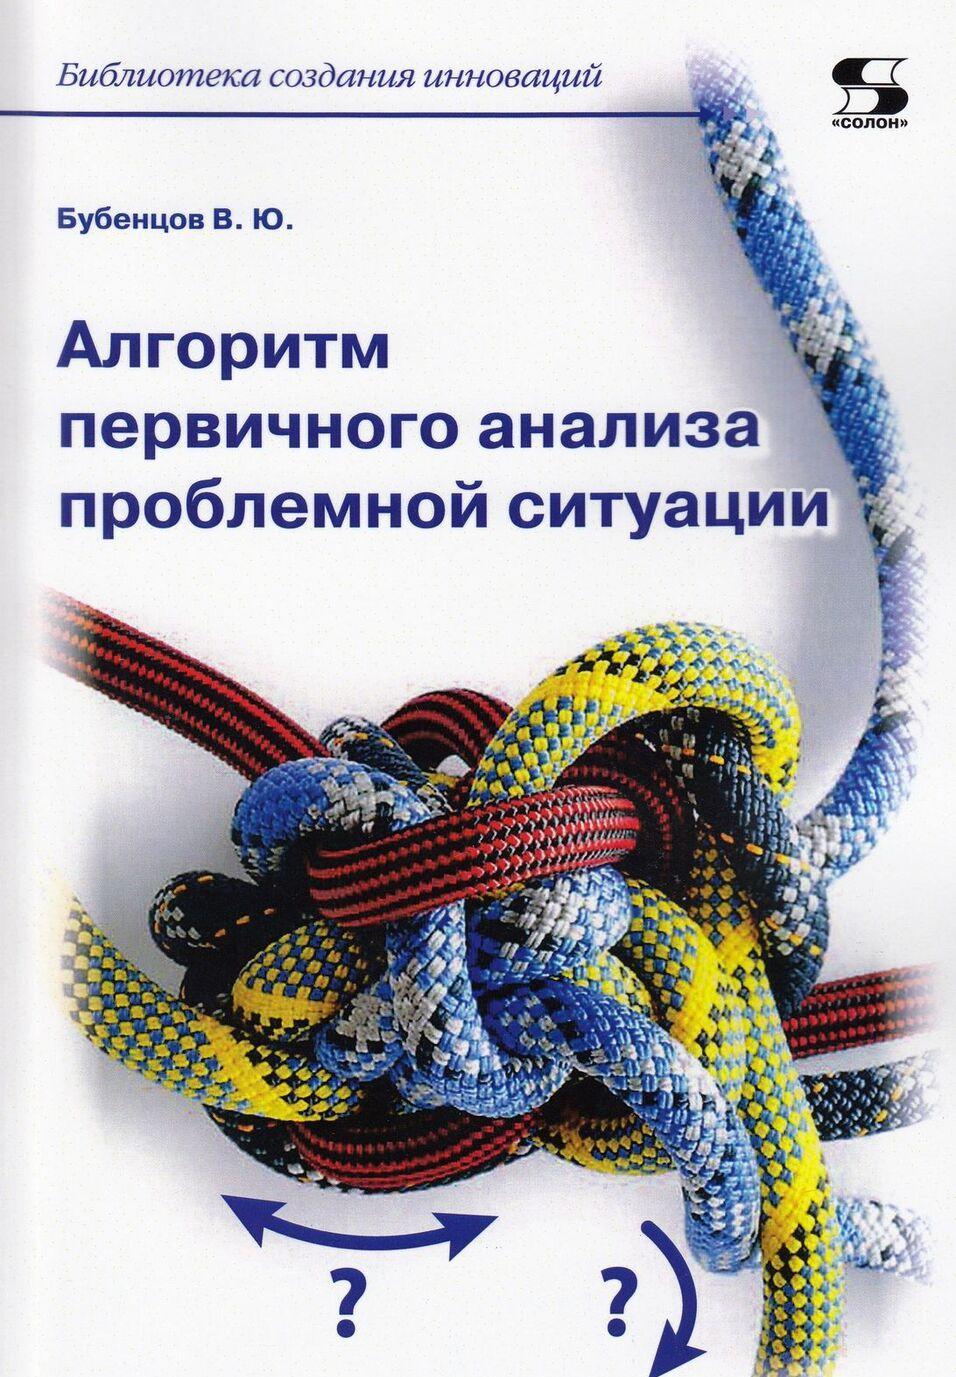 Algoritm pervichnogo analiza problemnoj situatsii | Bubentsov Vladimir Jurevich